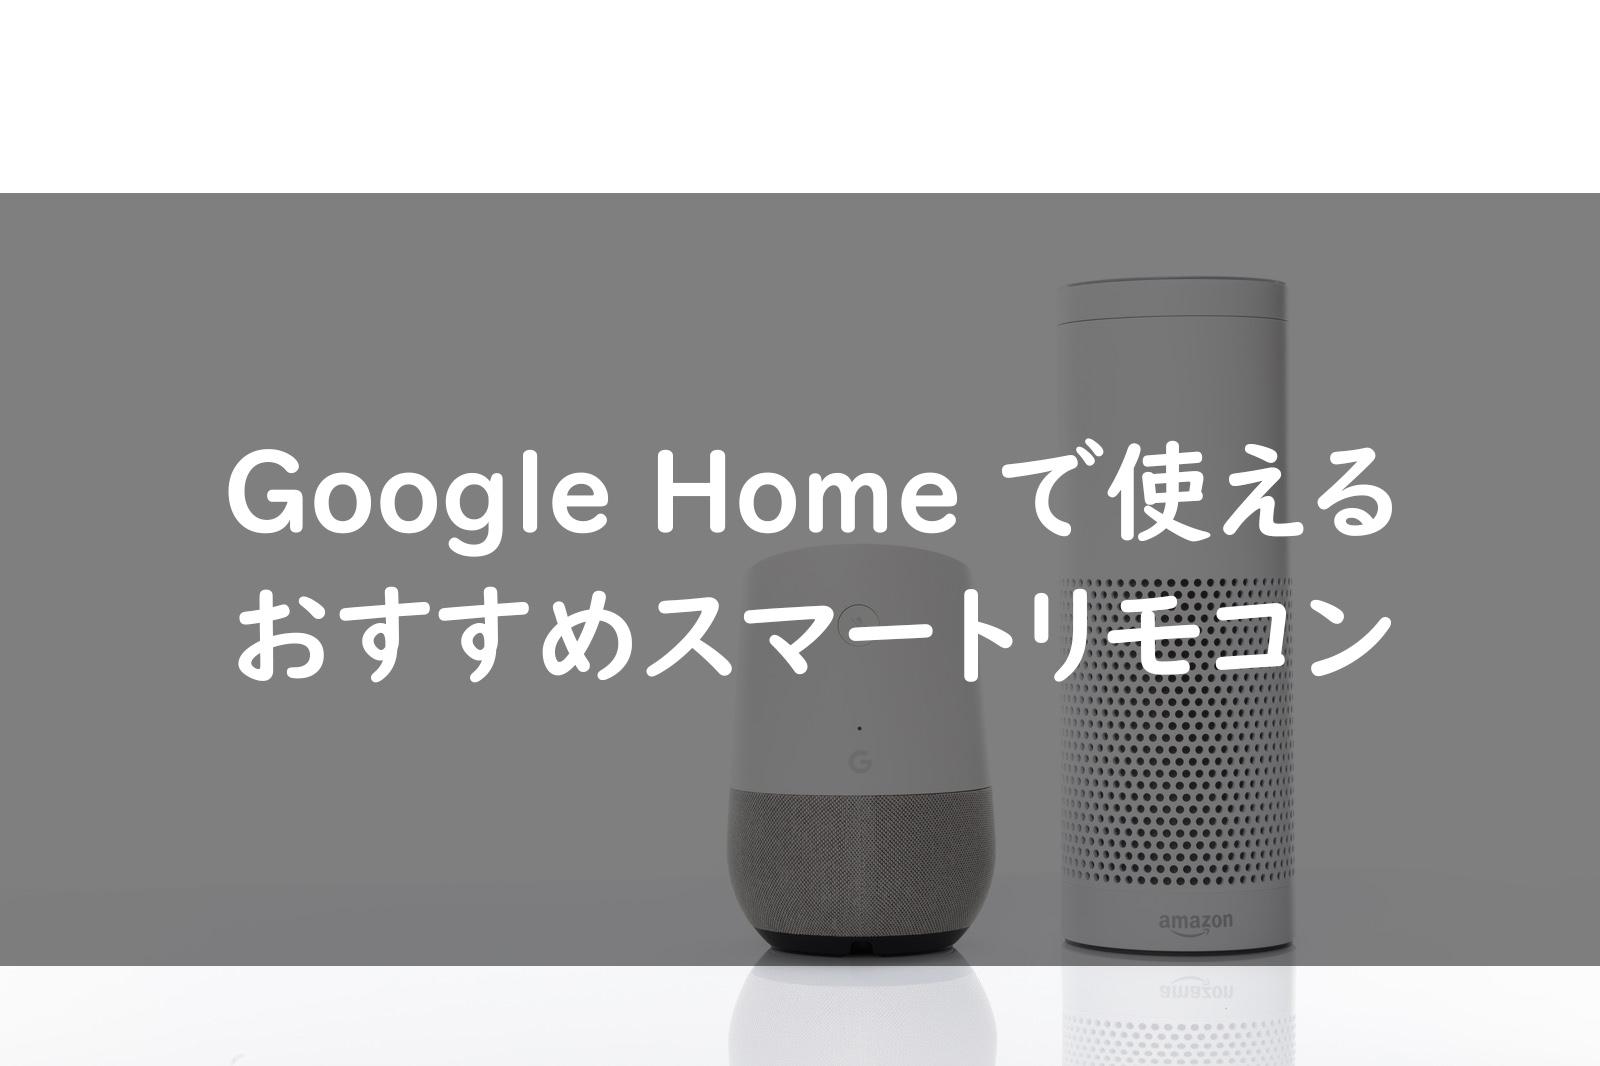 【生活改善】Google Homeから操作出来るスマートリモコンベスト4!